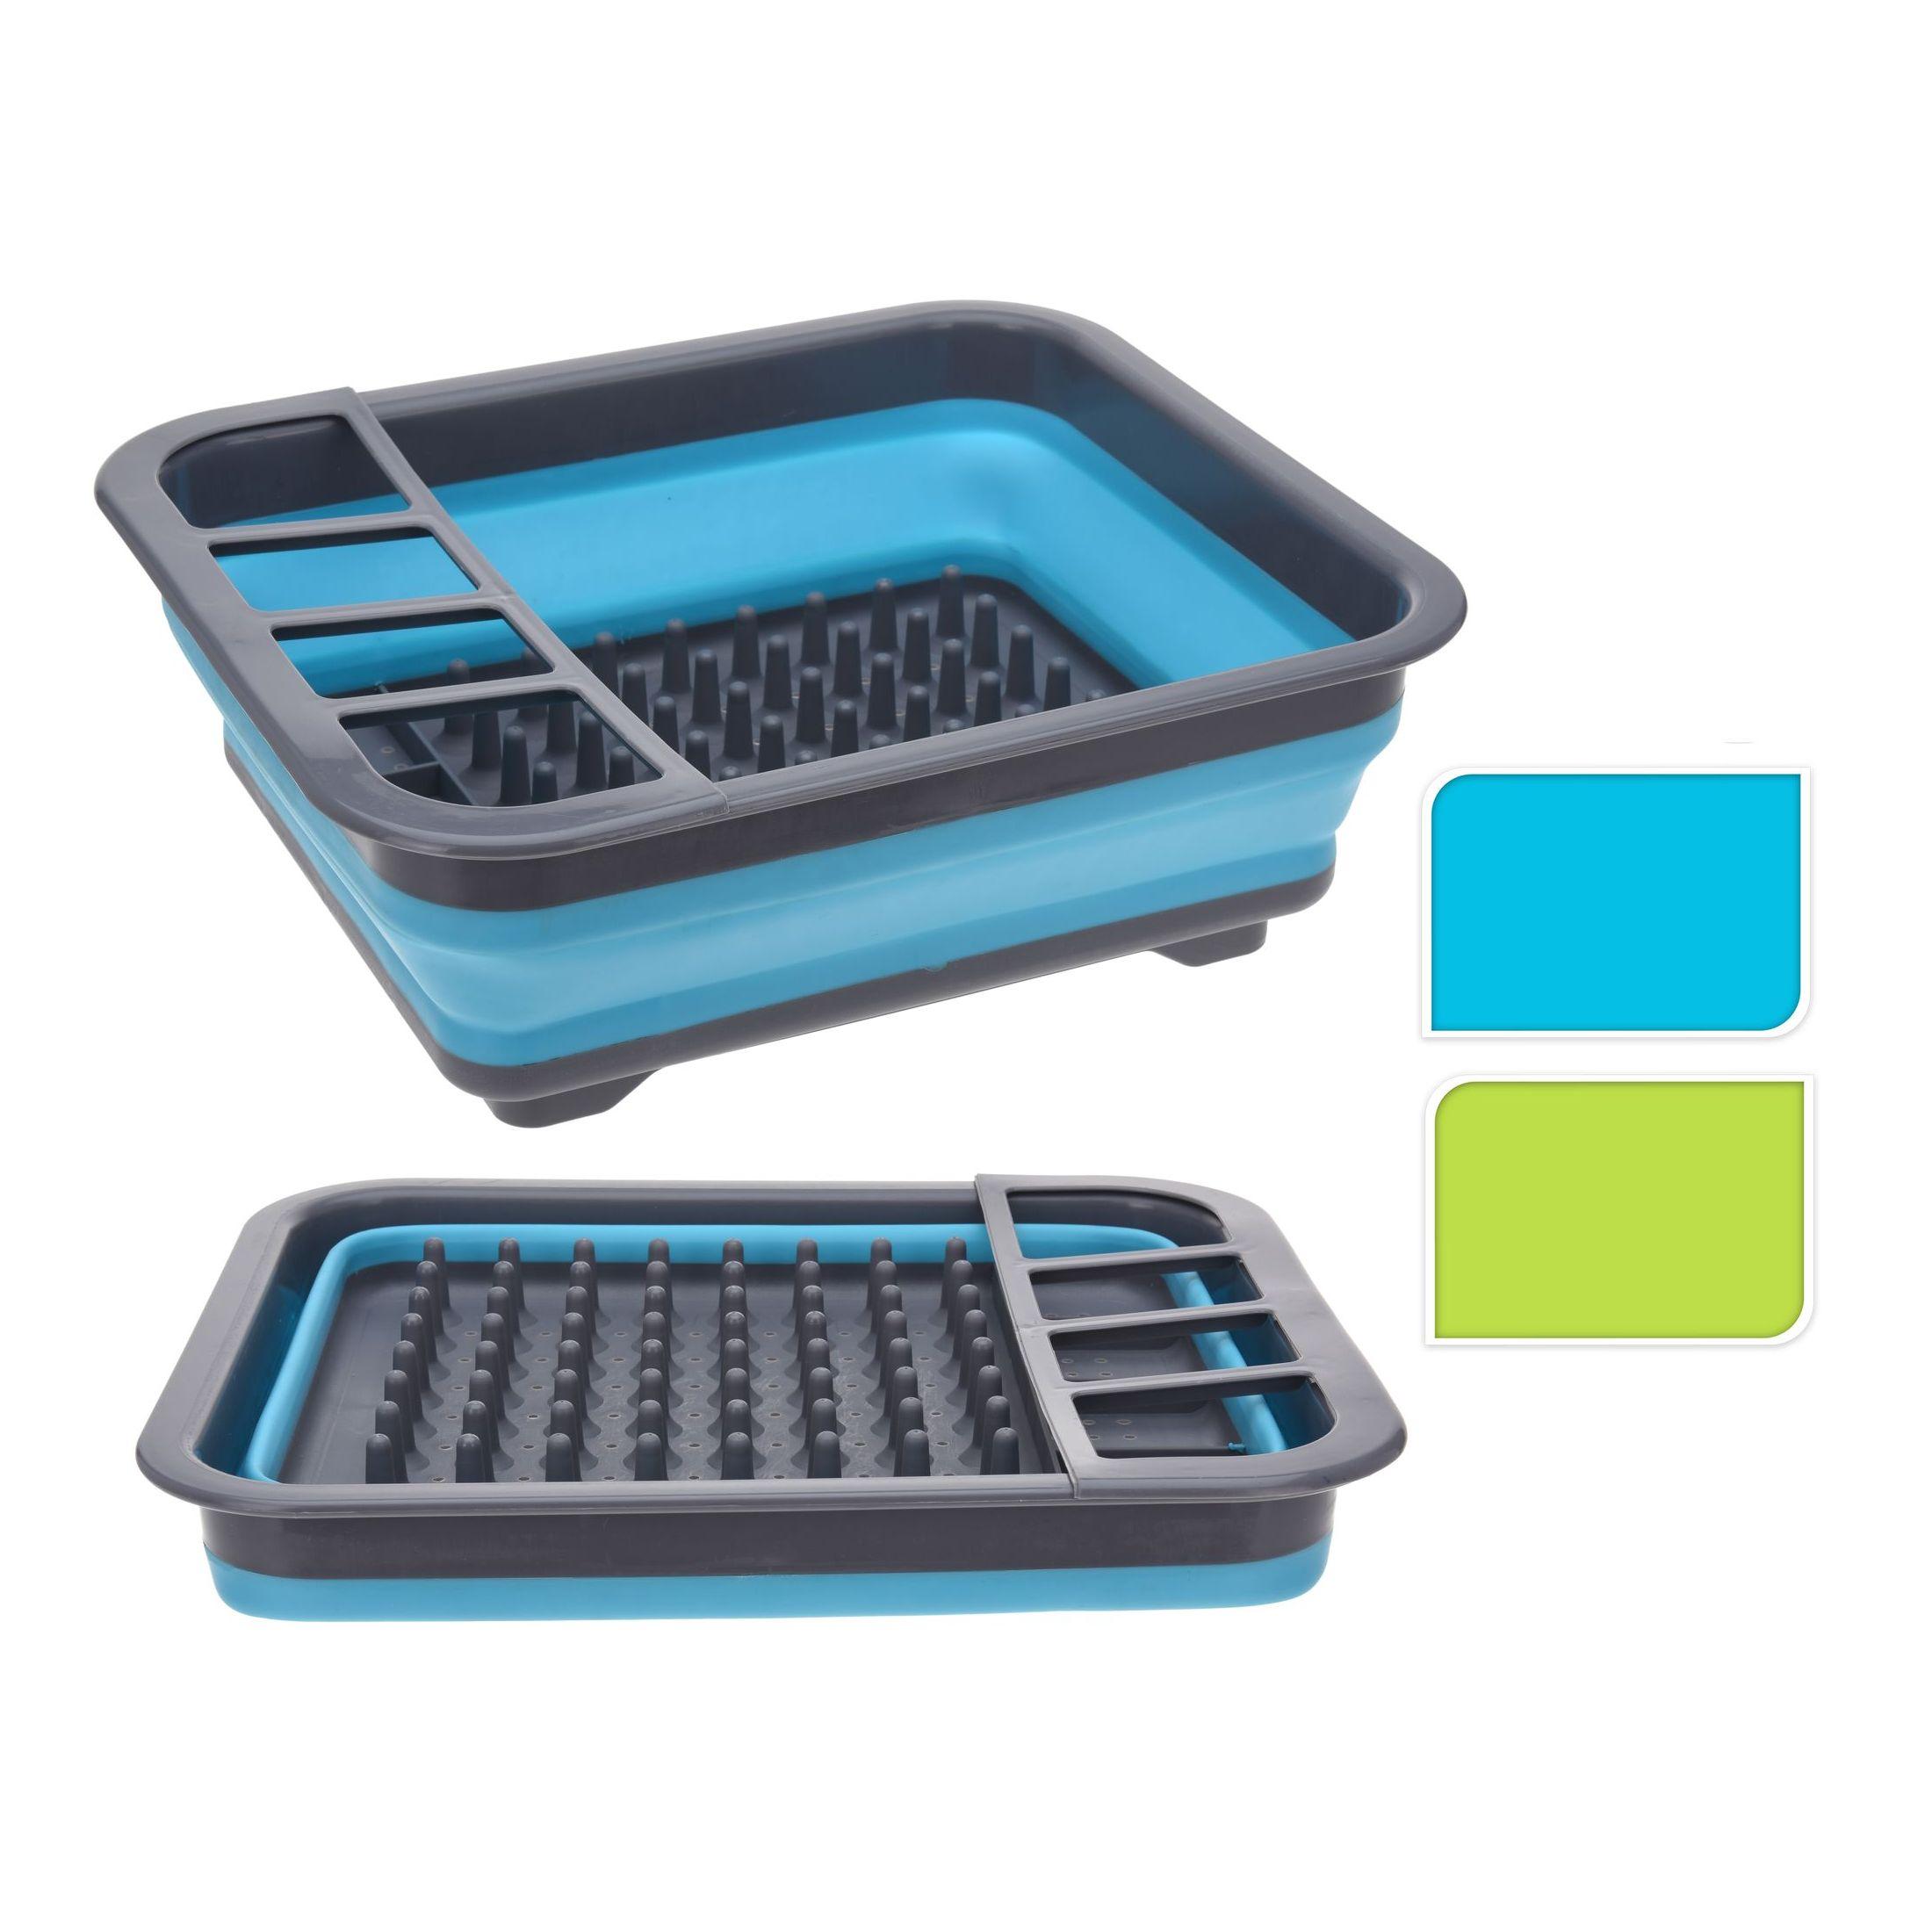 Сушилка для посудыЭта сушилка для посуды станет надежным помощником на кухне. Модель поделена на секторы для тарелок, чашек, ложек, вилок. Изделие легко моется и чистится, изготавливается из крепкого пластика, безопасного для человека и окружающей среды. Сушилка легкая, что позволяет брать ее с собой на дачу. Производитель предлагает два цветовых решения: синее и зеленое, поэтому каждая хозяйка сможет выбрать цвет, который гармонично впишется в интерьер кухни. Сушилка для посуды Excellent Houseware заслужила доверие среди российских потребителей и получила немало положительных отзывов.<br>